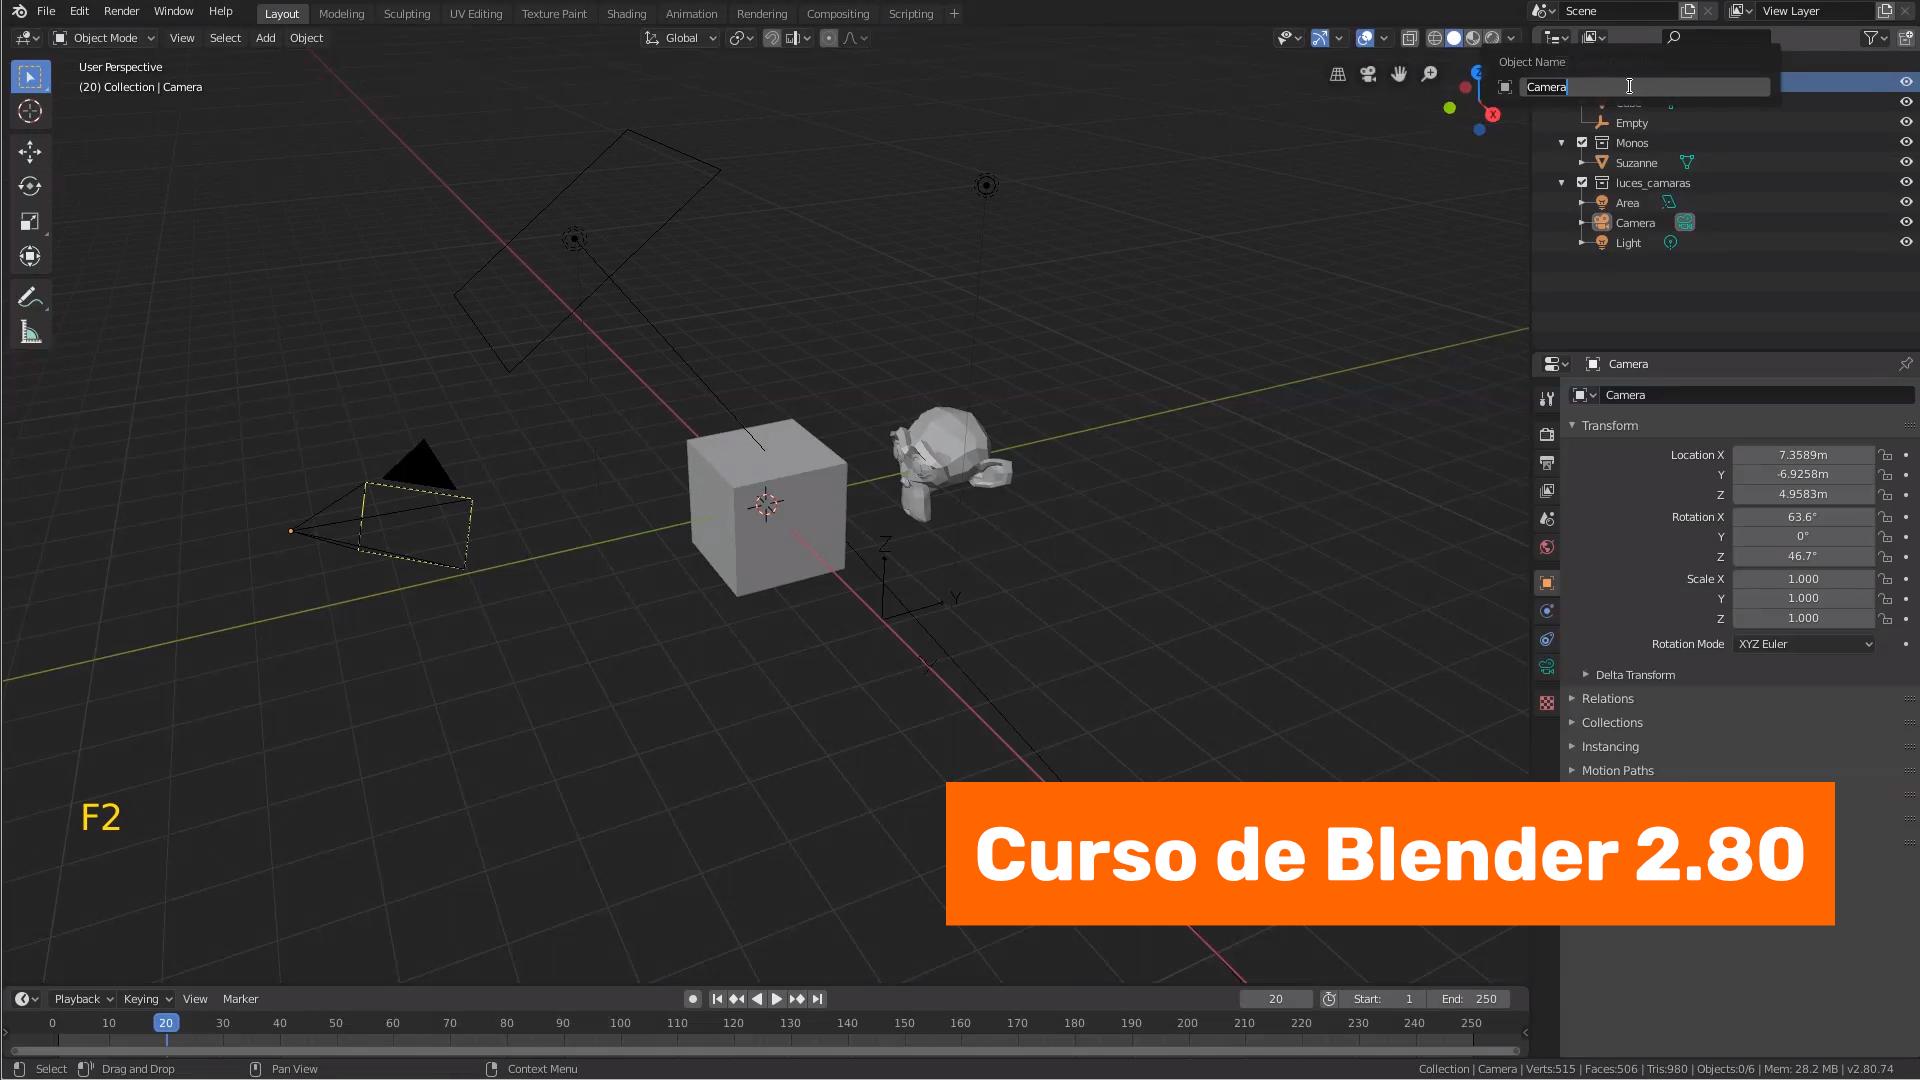 Las colecciones en Blender 2.80